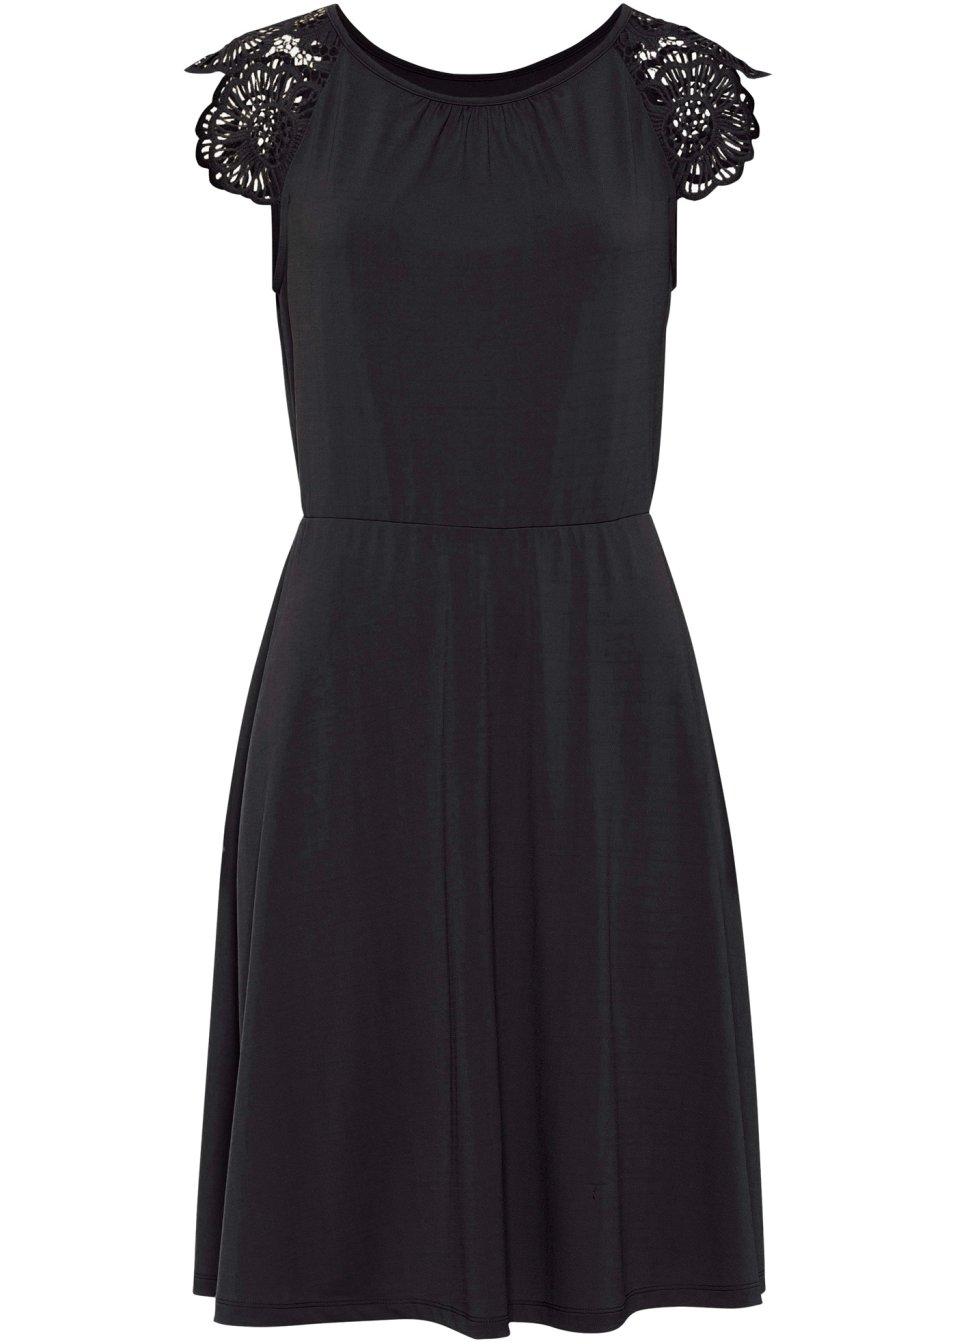 Jerseykleid mit gehäckelten Flügel-Ärmeln - schwarz 2X1Vy S9Bry